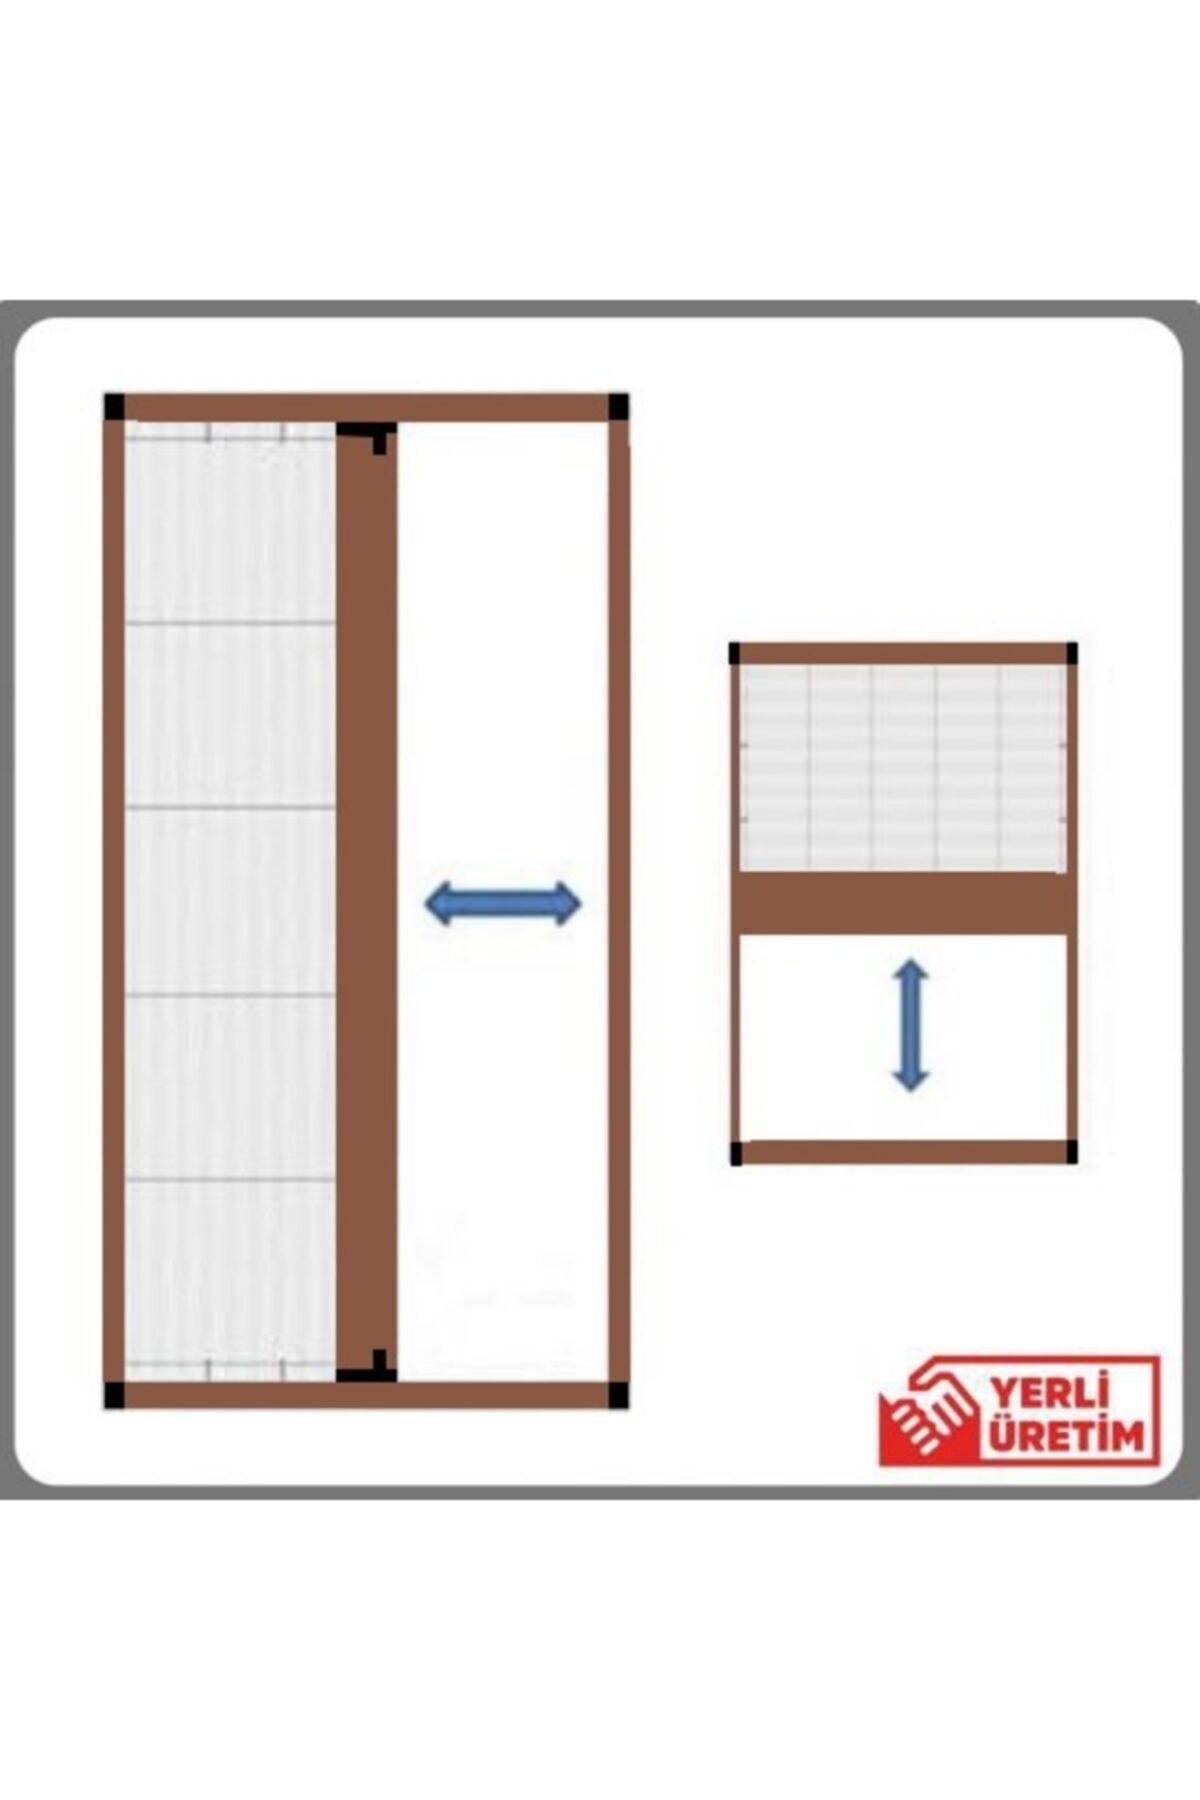 Açık Kahverengi Plise Sineklik Akordiyon Sürgülü Pileli Sineklik Kapı Ve Pencere 40-60x40-60